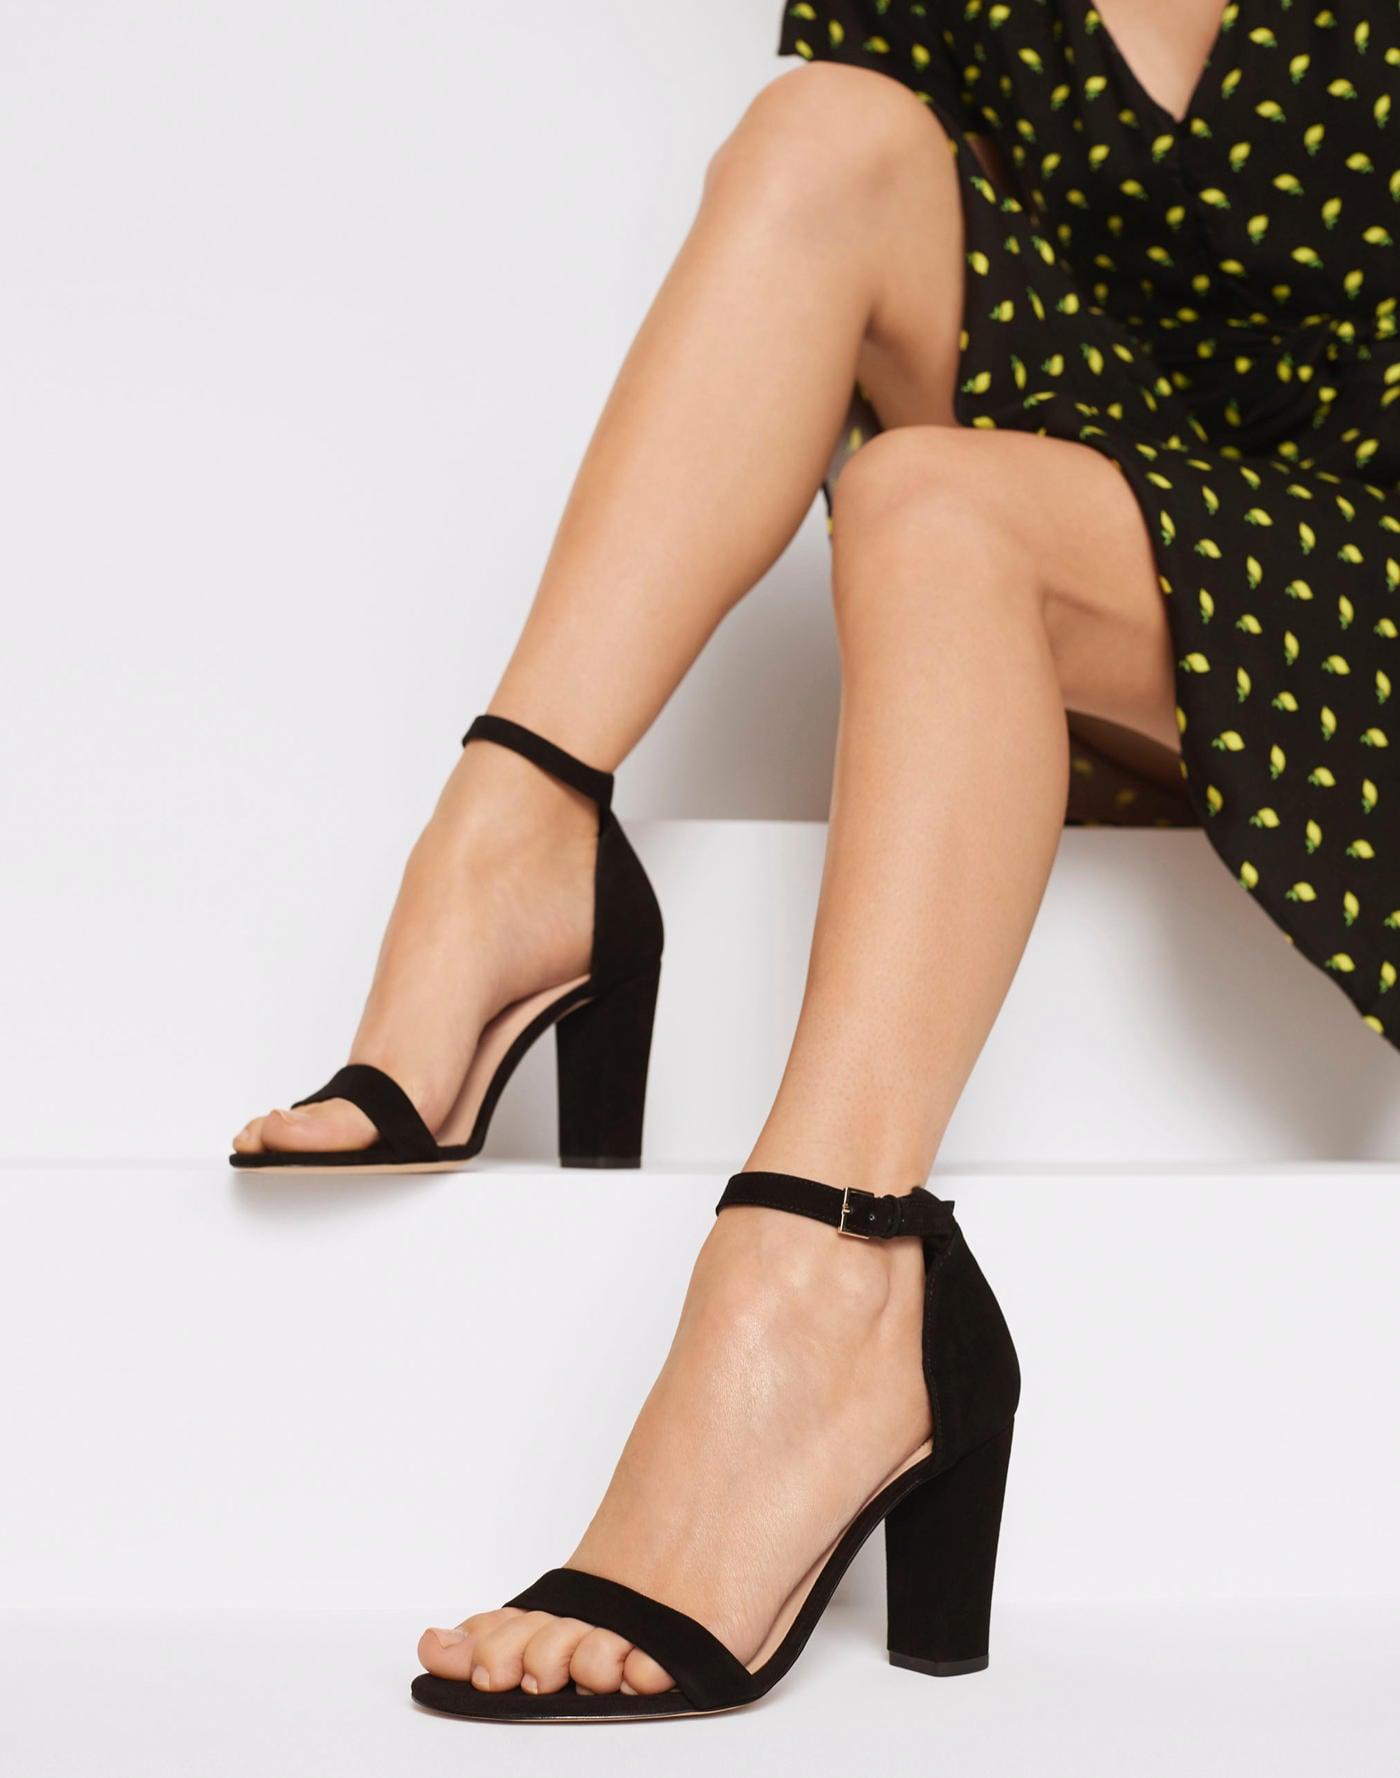 cbdd515171 Sandals | Aldoshoes.com US